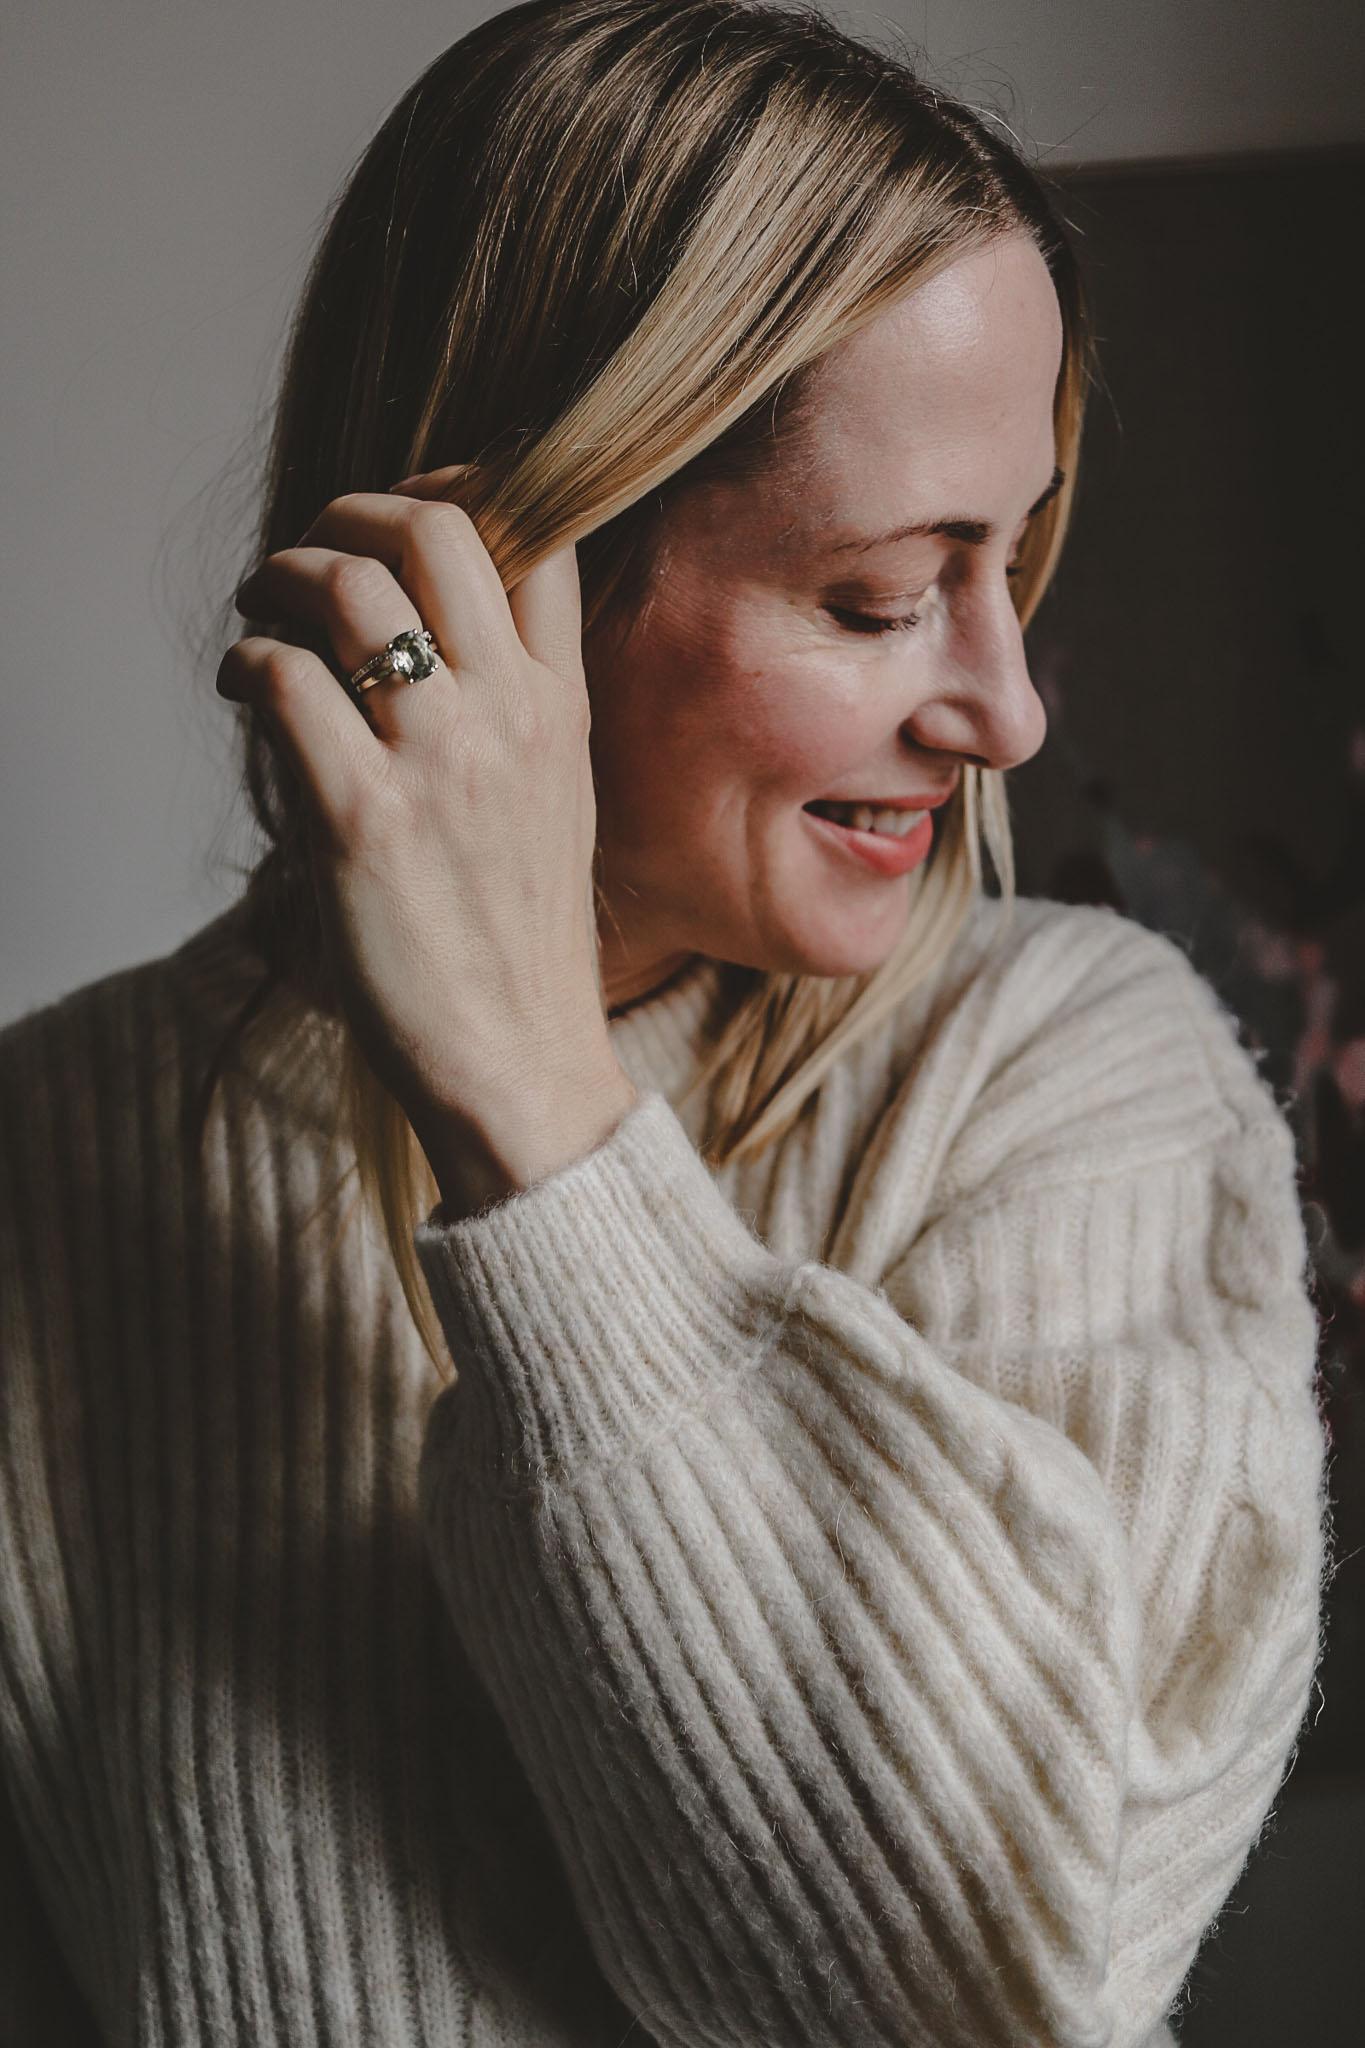 Nachhaltig wertvoll: Mein Coronaklunker von The Siss Bliss |Anzeige